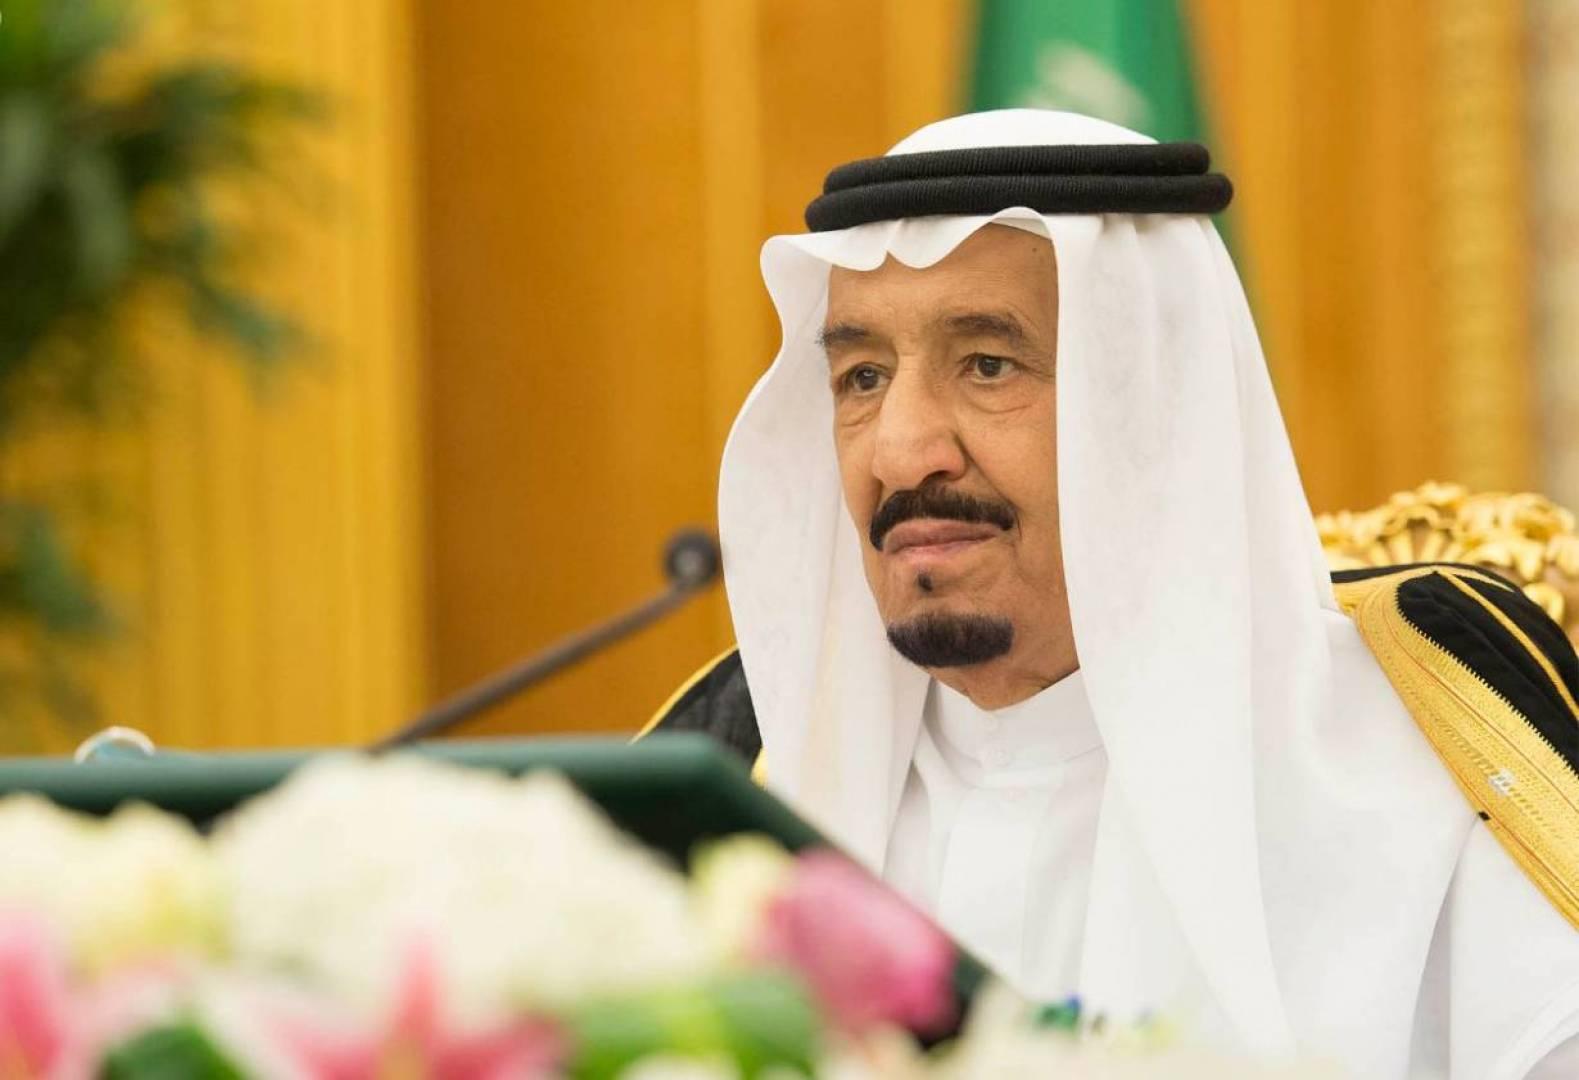 الملك سلمان: العالم يمر بظروف عصيبة.. ونقدر ثقة المسلمين في إجراءاتنا بشأن الحج في ظل كورونا